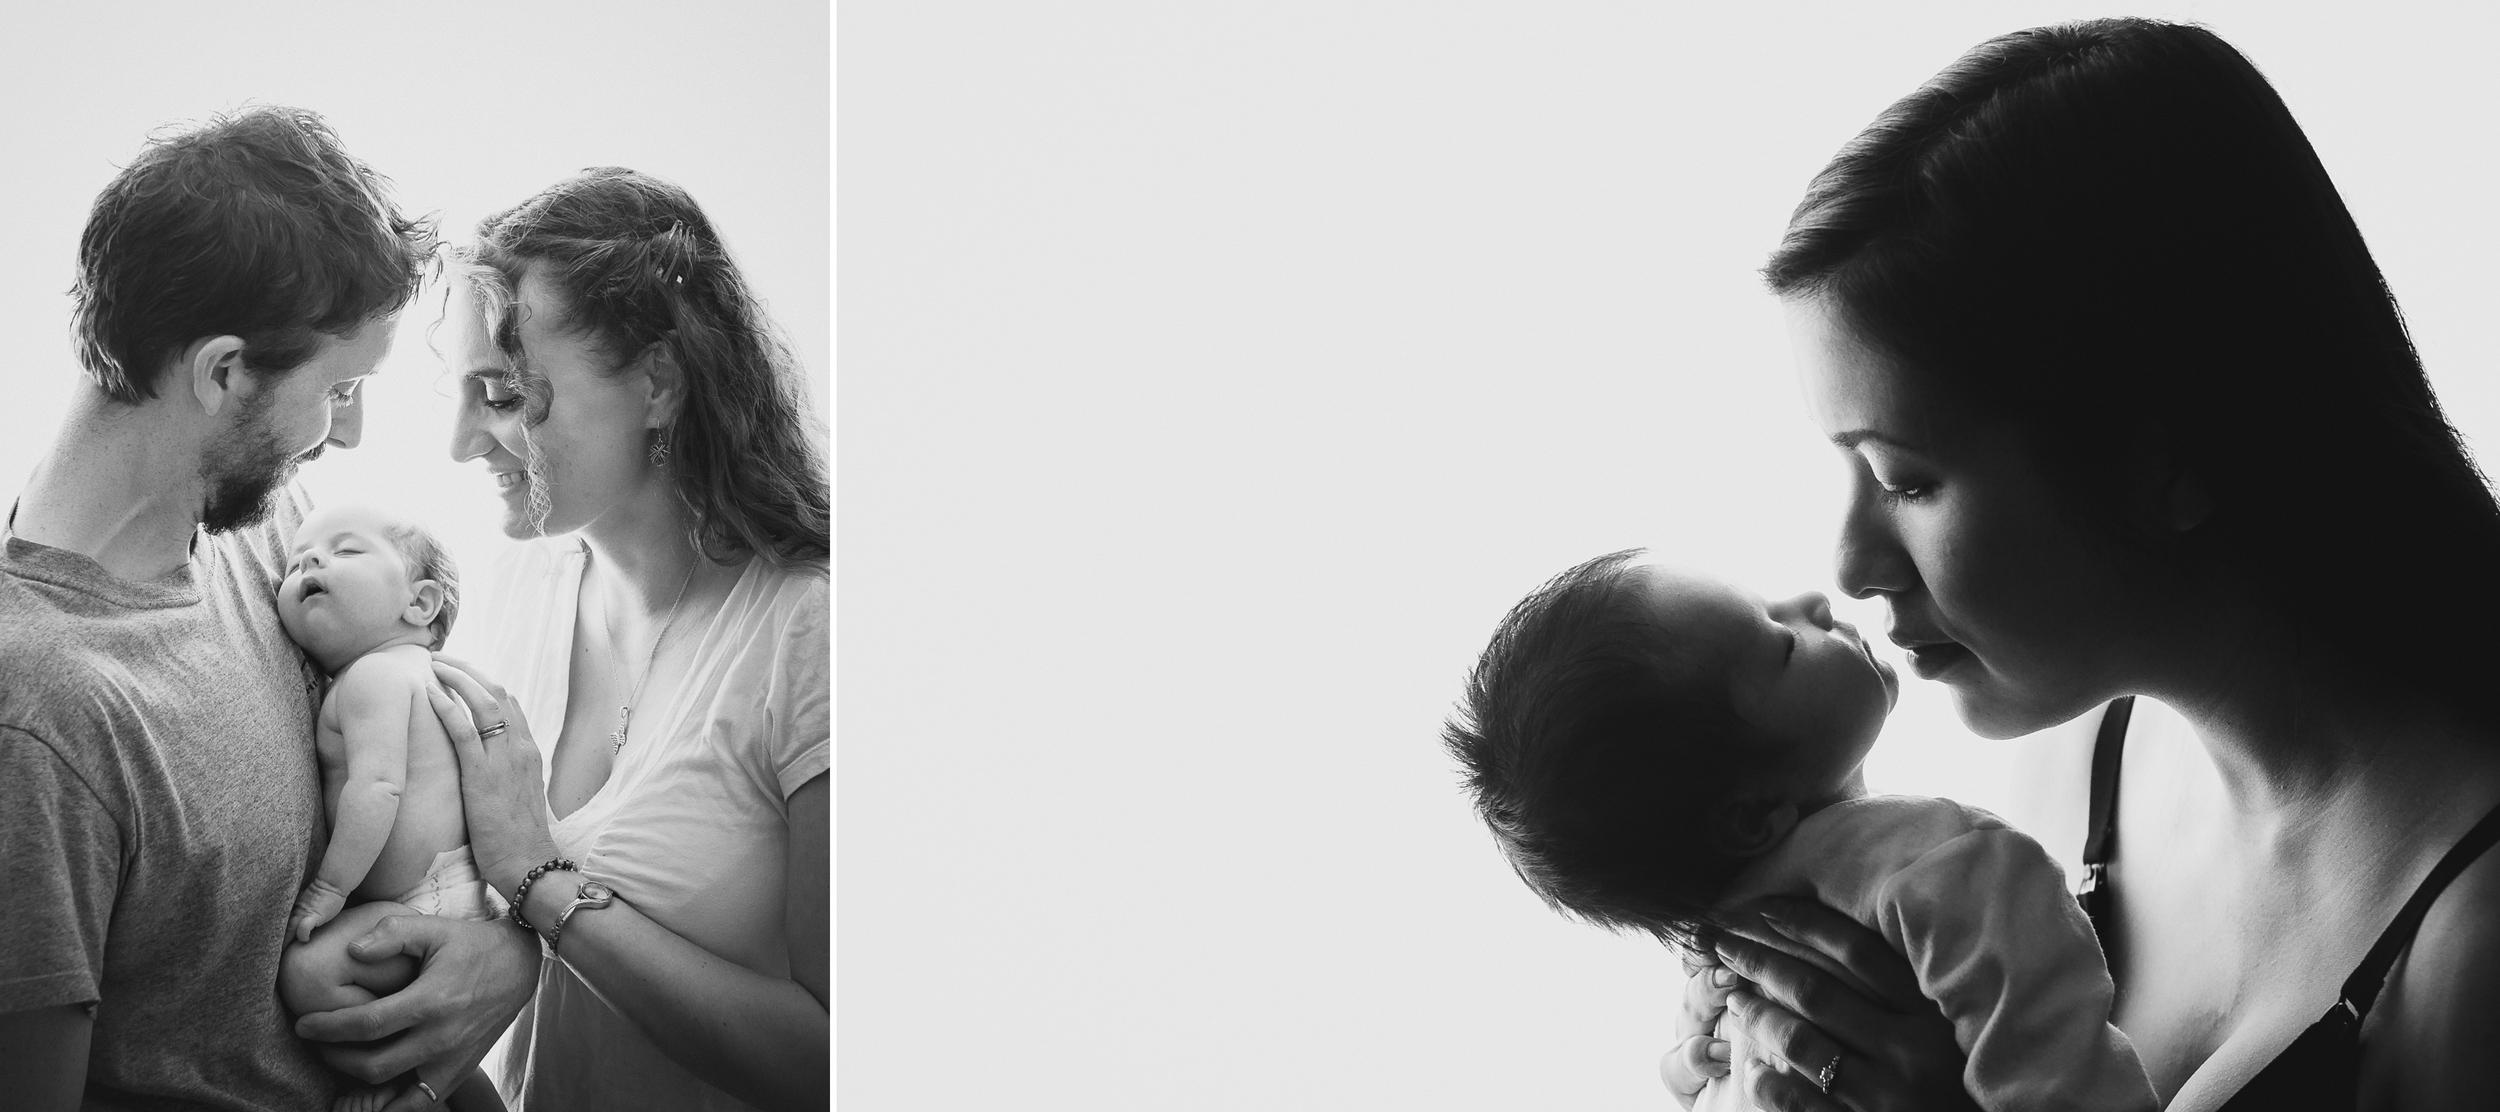 portishead-newborn-baby-photographer-studio